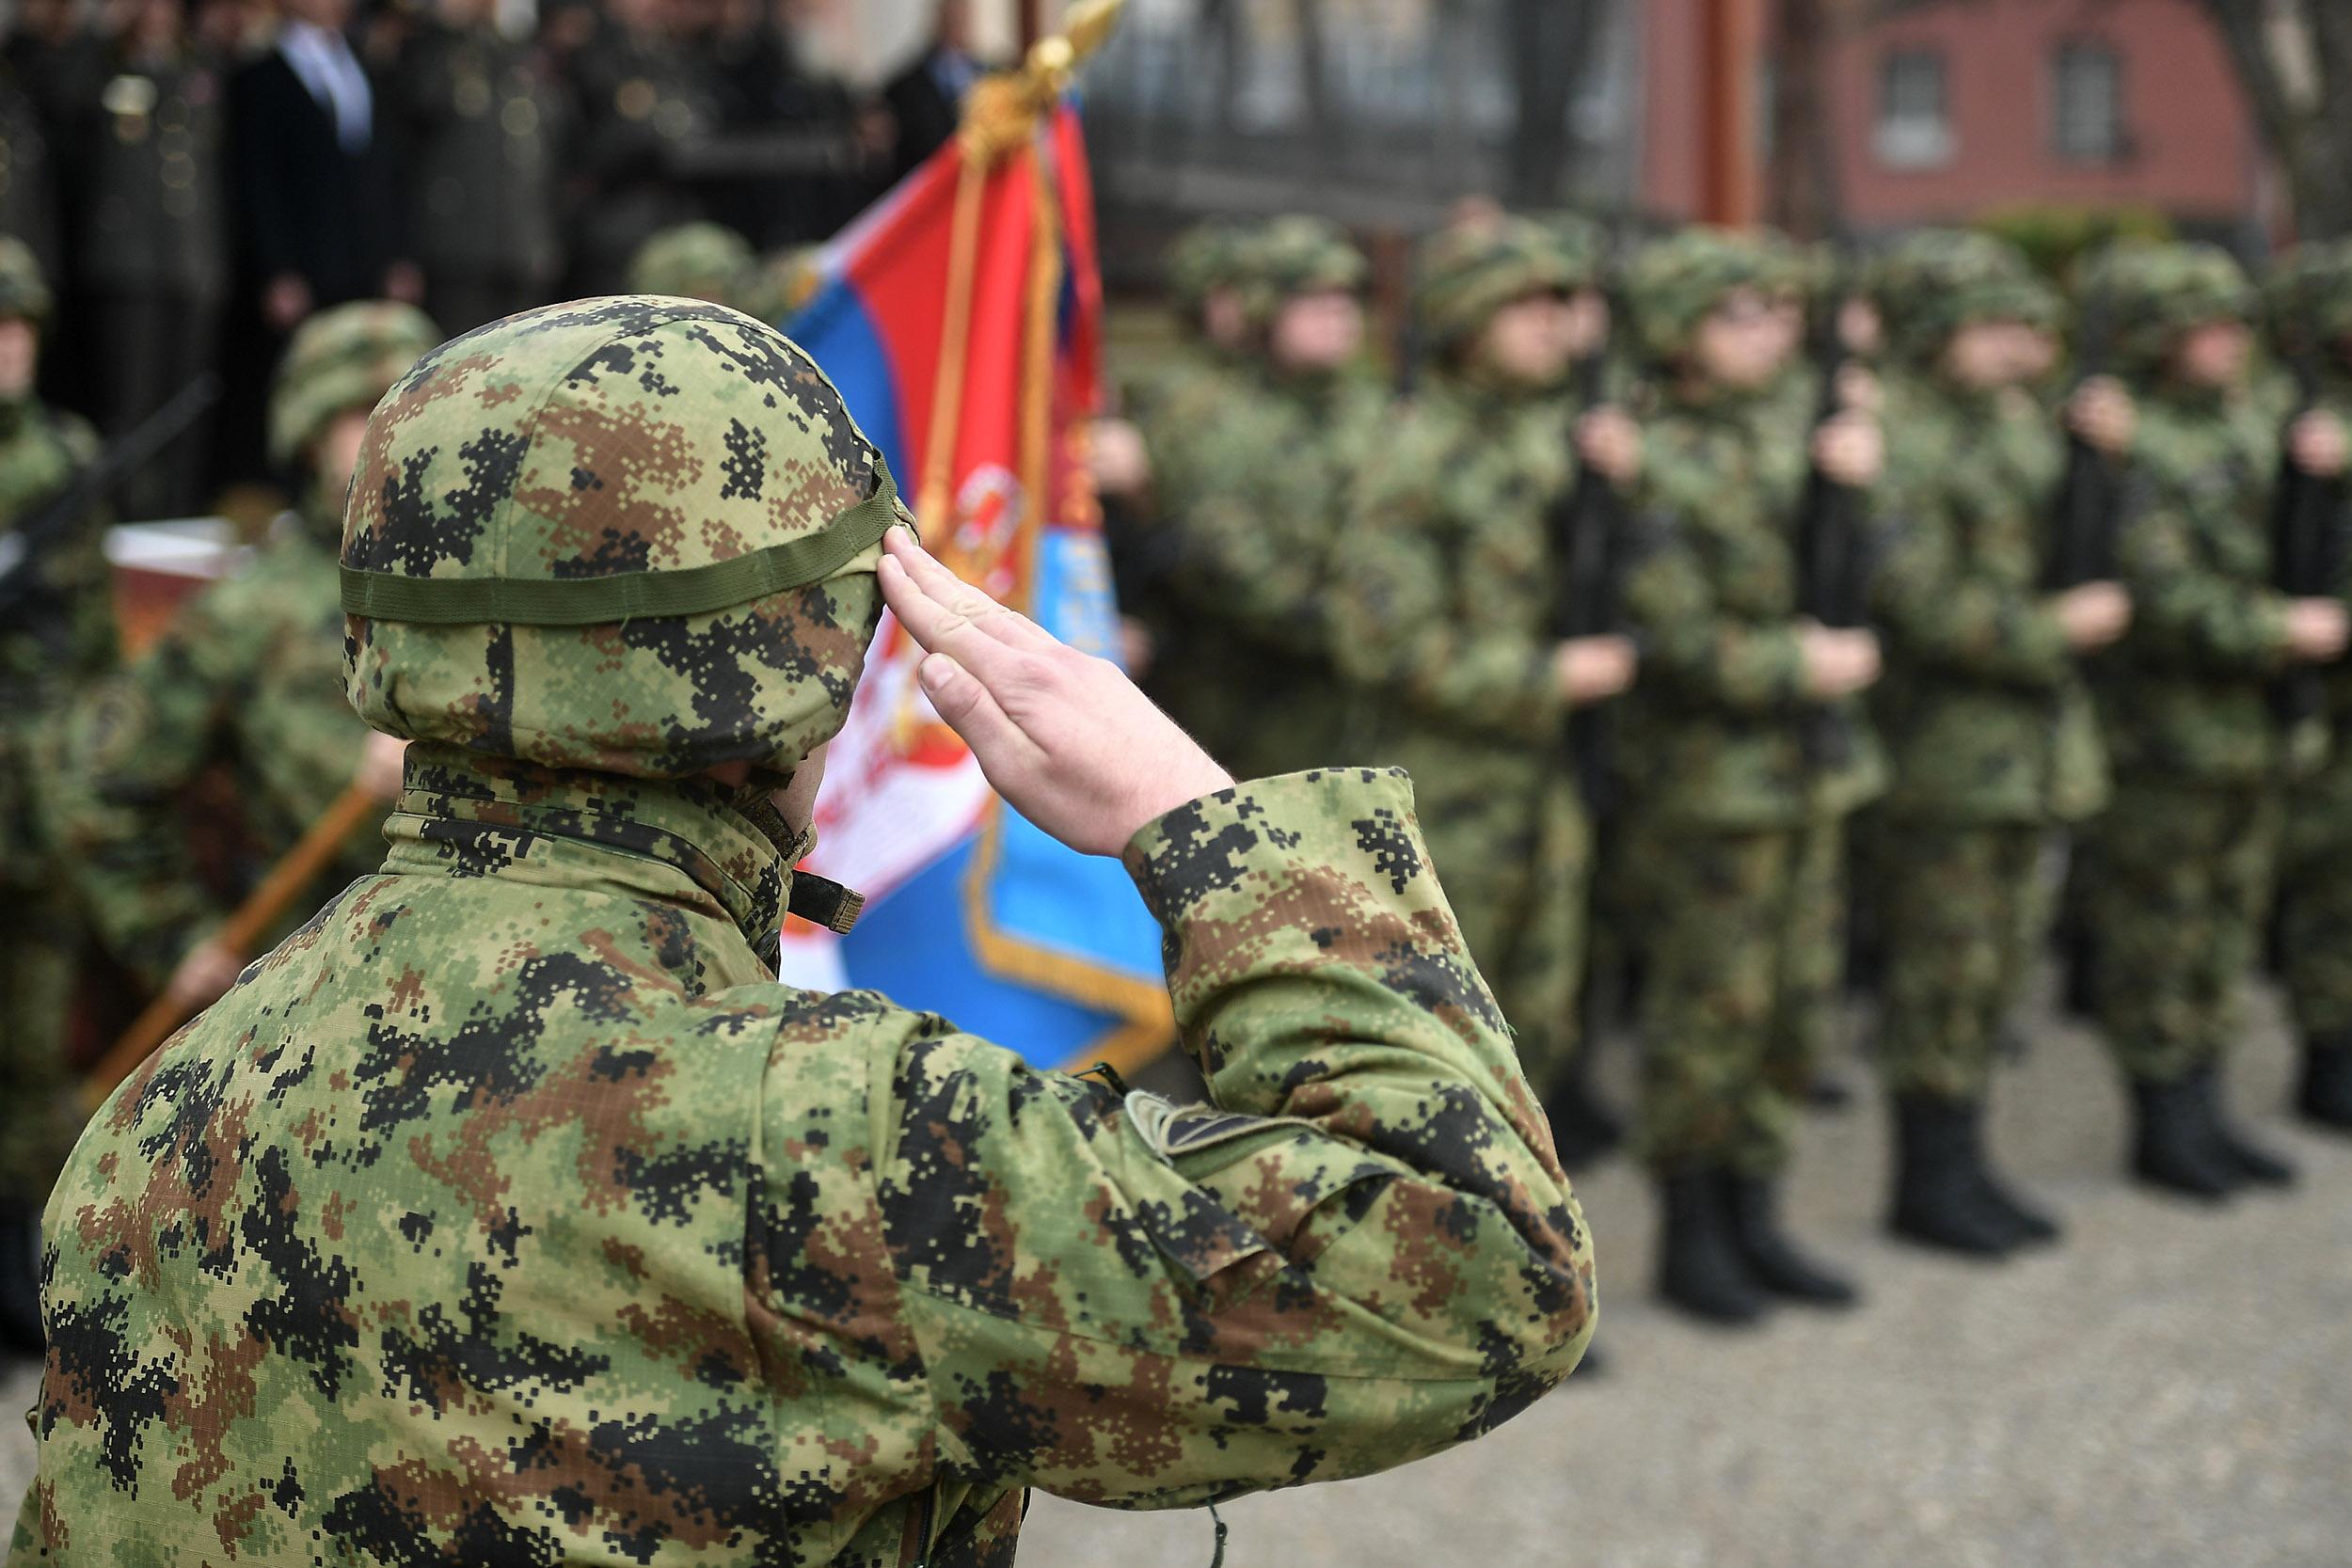 Vojska Srbije izlazi na ulice